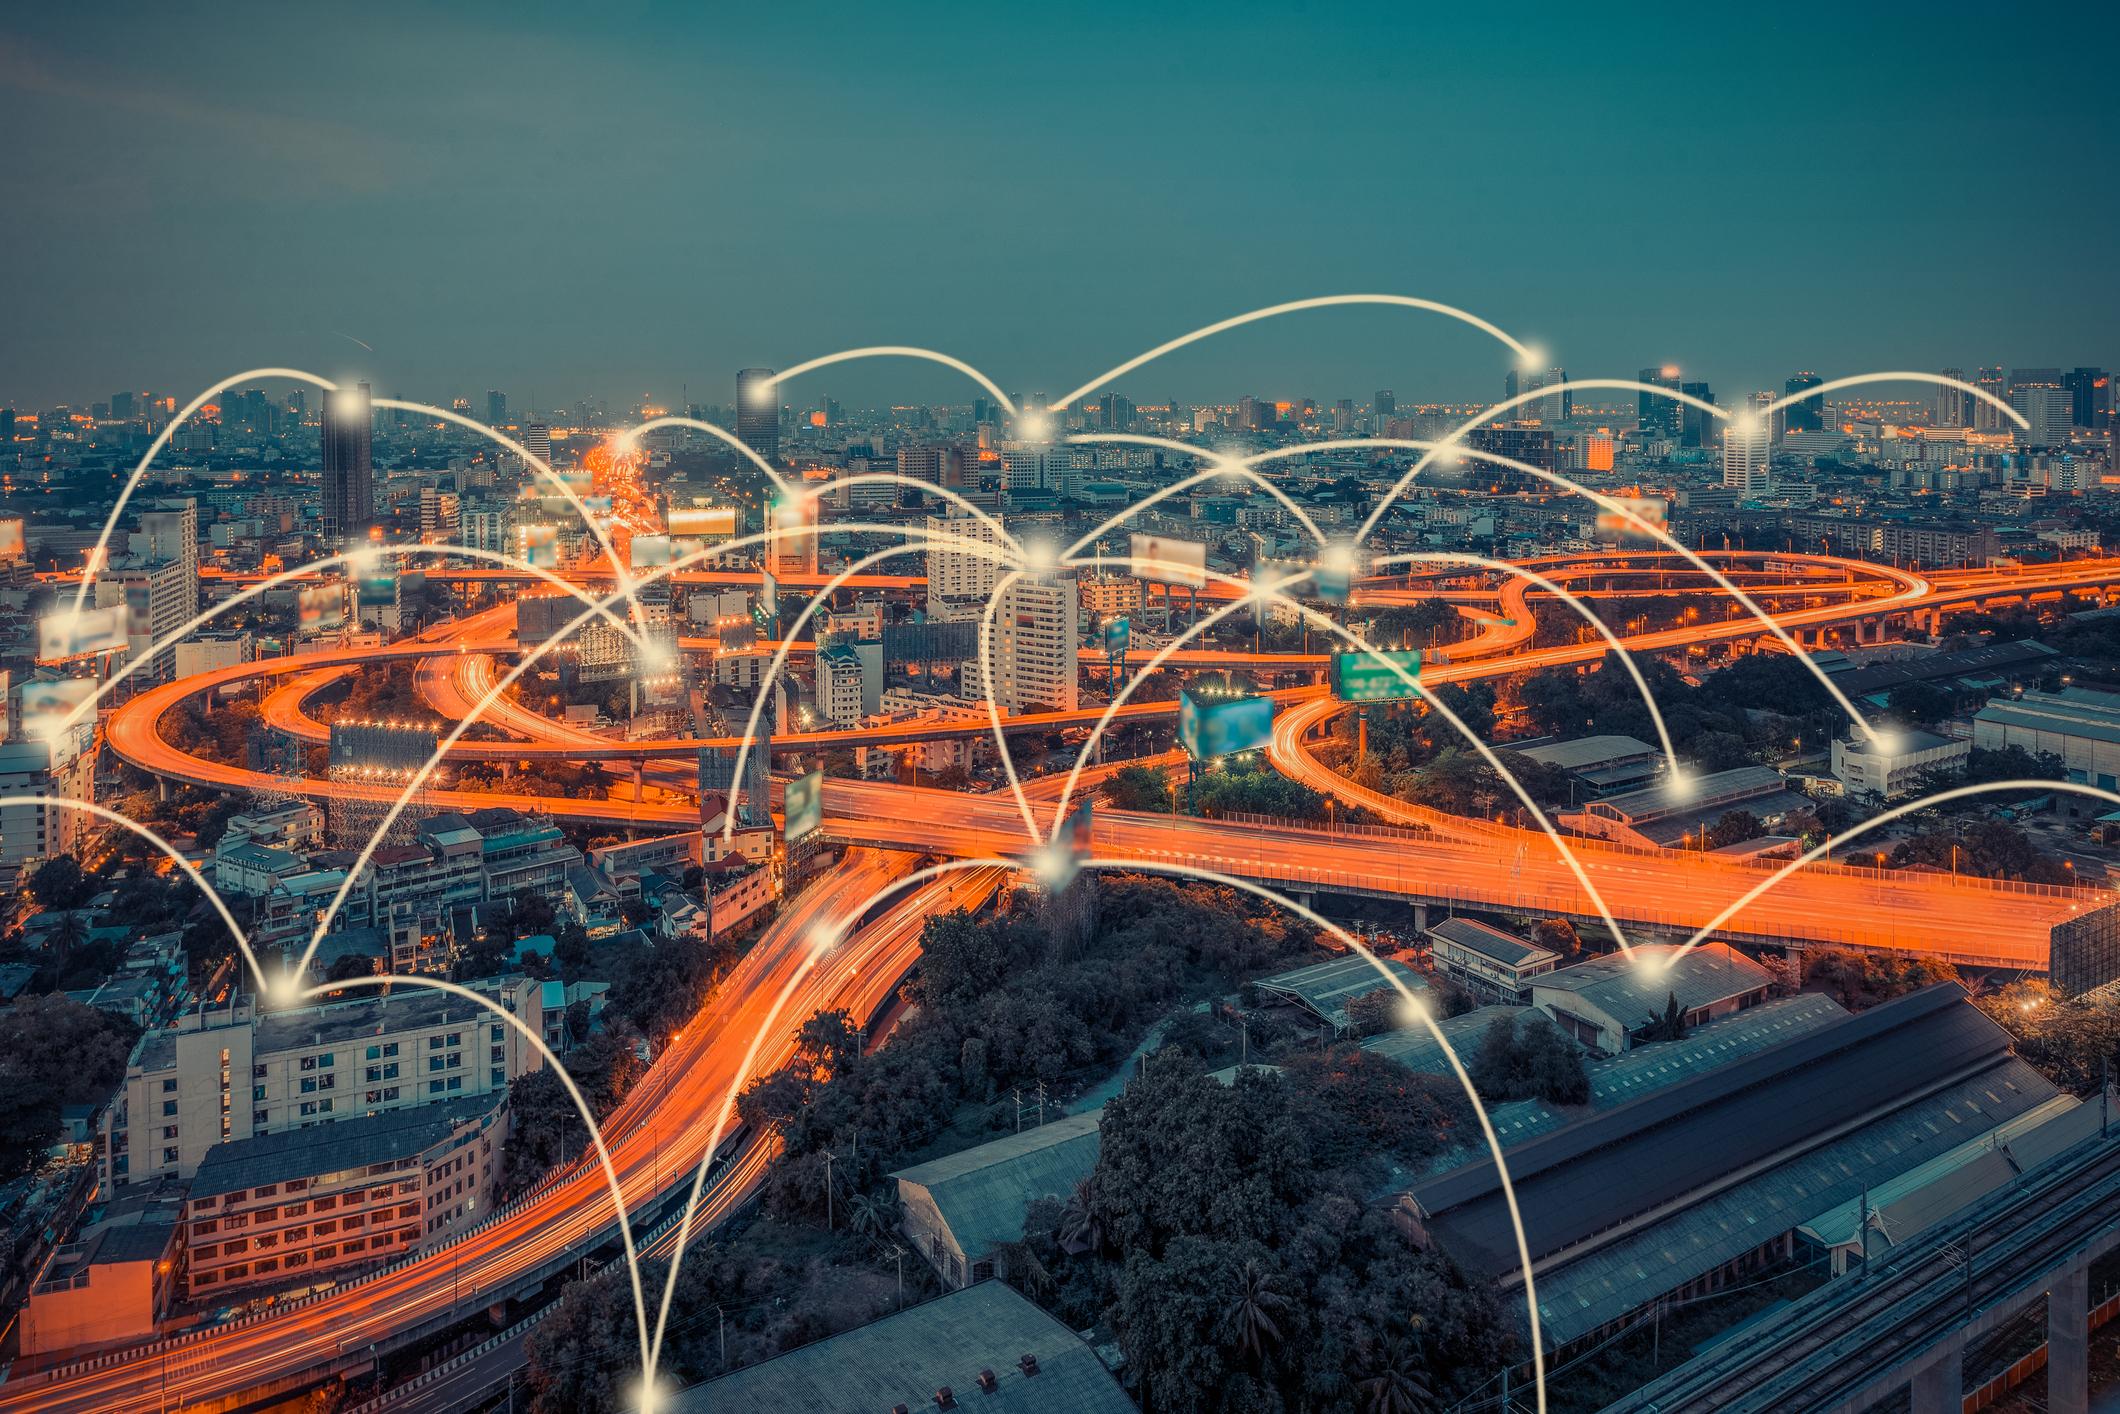 Wireless cityscape concept image